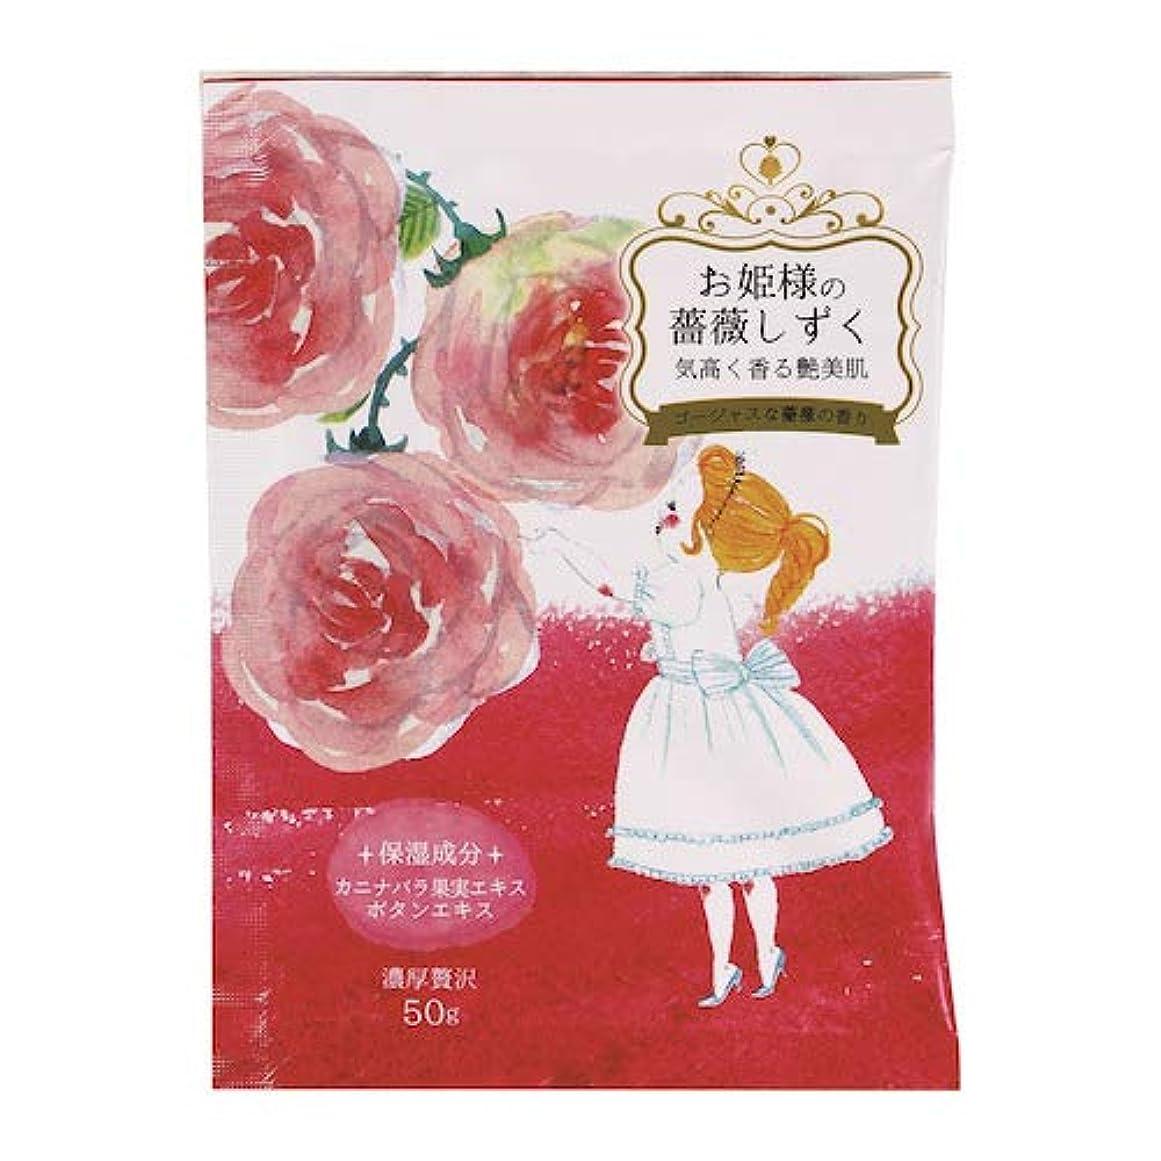 受け入れた海峡ひも刈る紀陽除虫菊 お姫様の薔薇しずく 50g